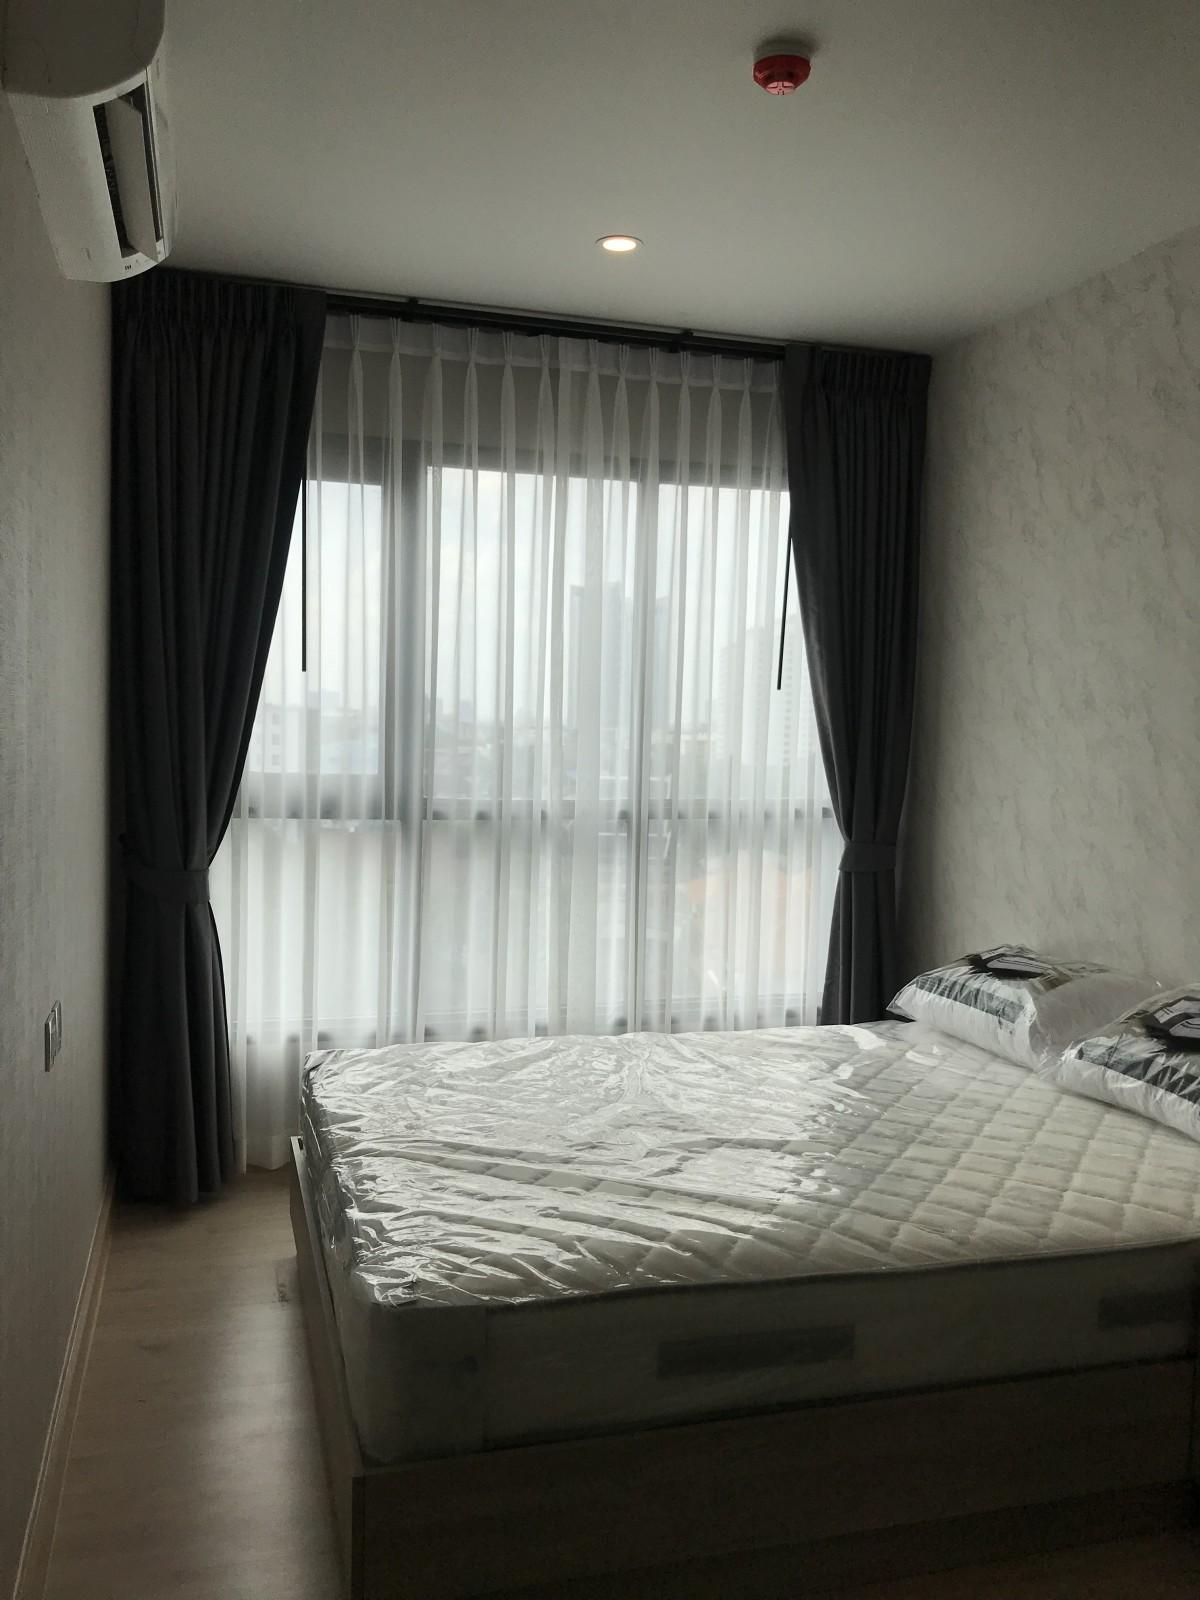 รูปของประกาศเช่าคอนโดไนท์บริดจ์ ดูเพล็กซ์ ติวานนท์(1 ห้องนอน)(1)